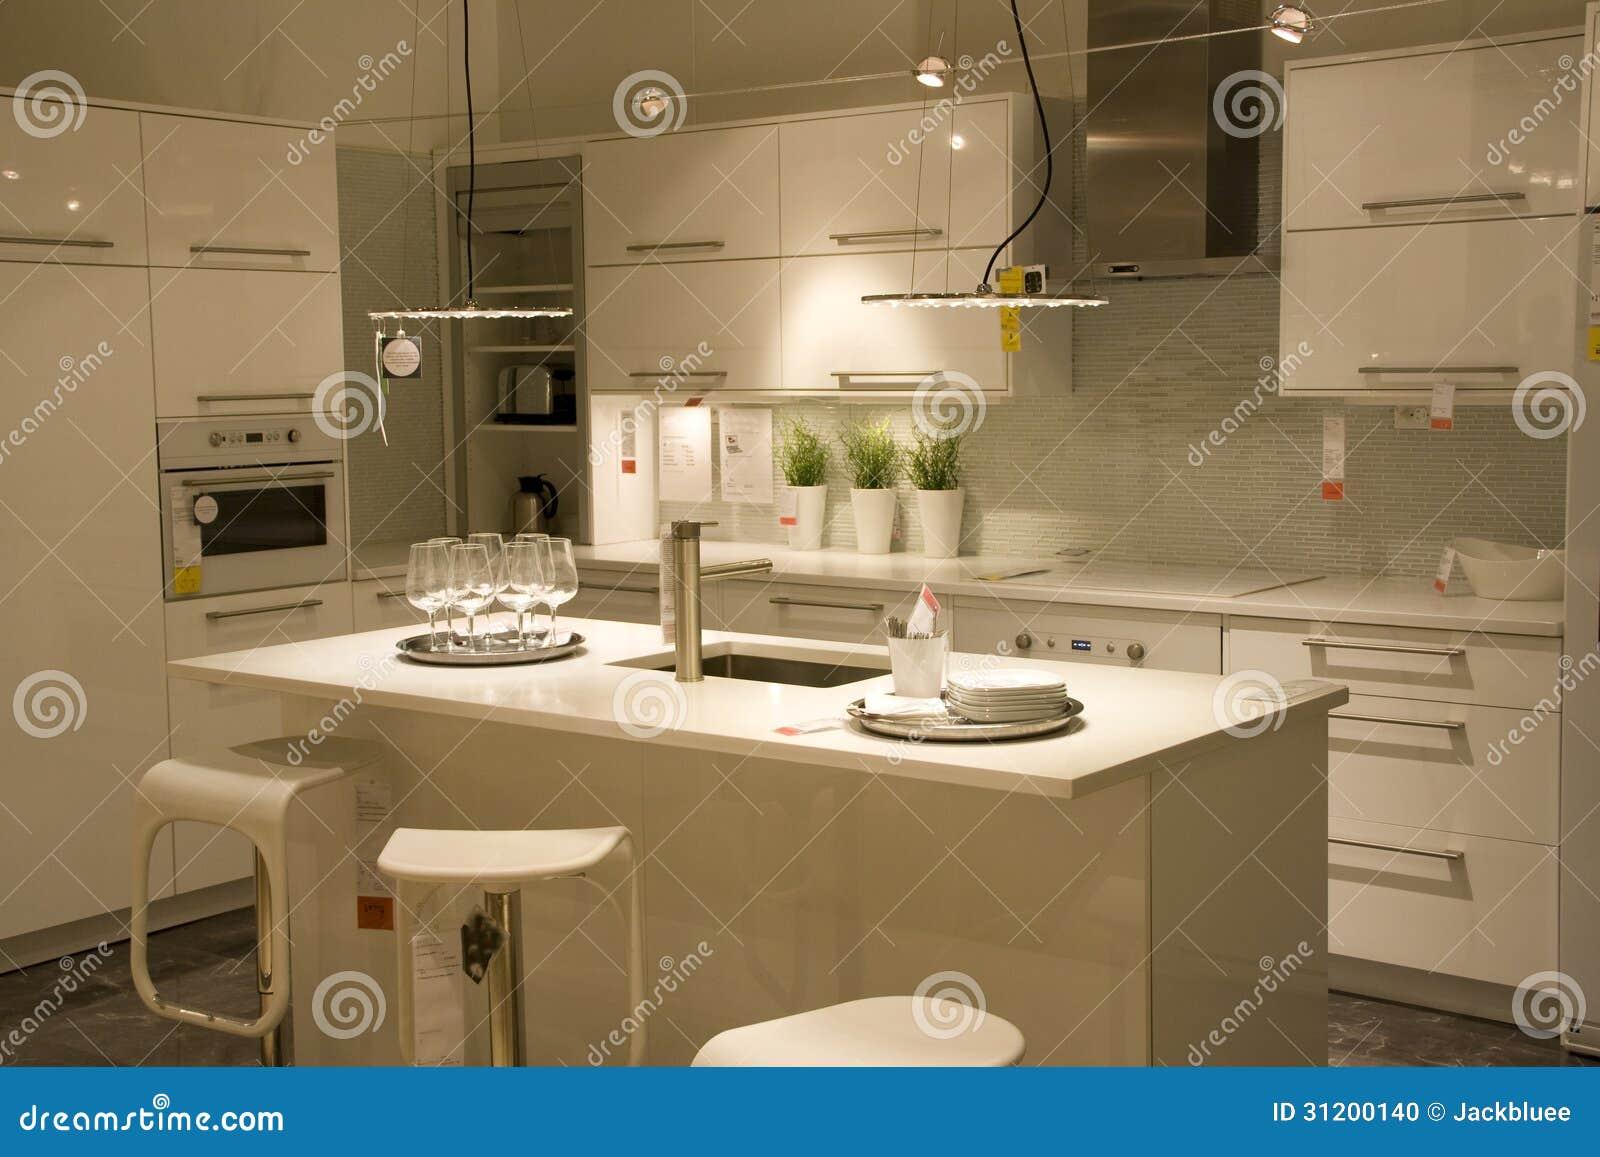 Dise o de interiores moderno de la cocina foto de archivo for Cocinas interiores fotos